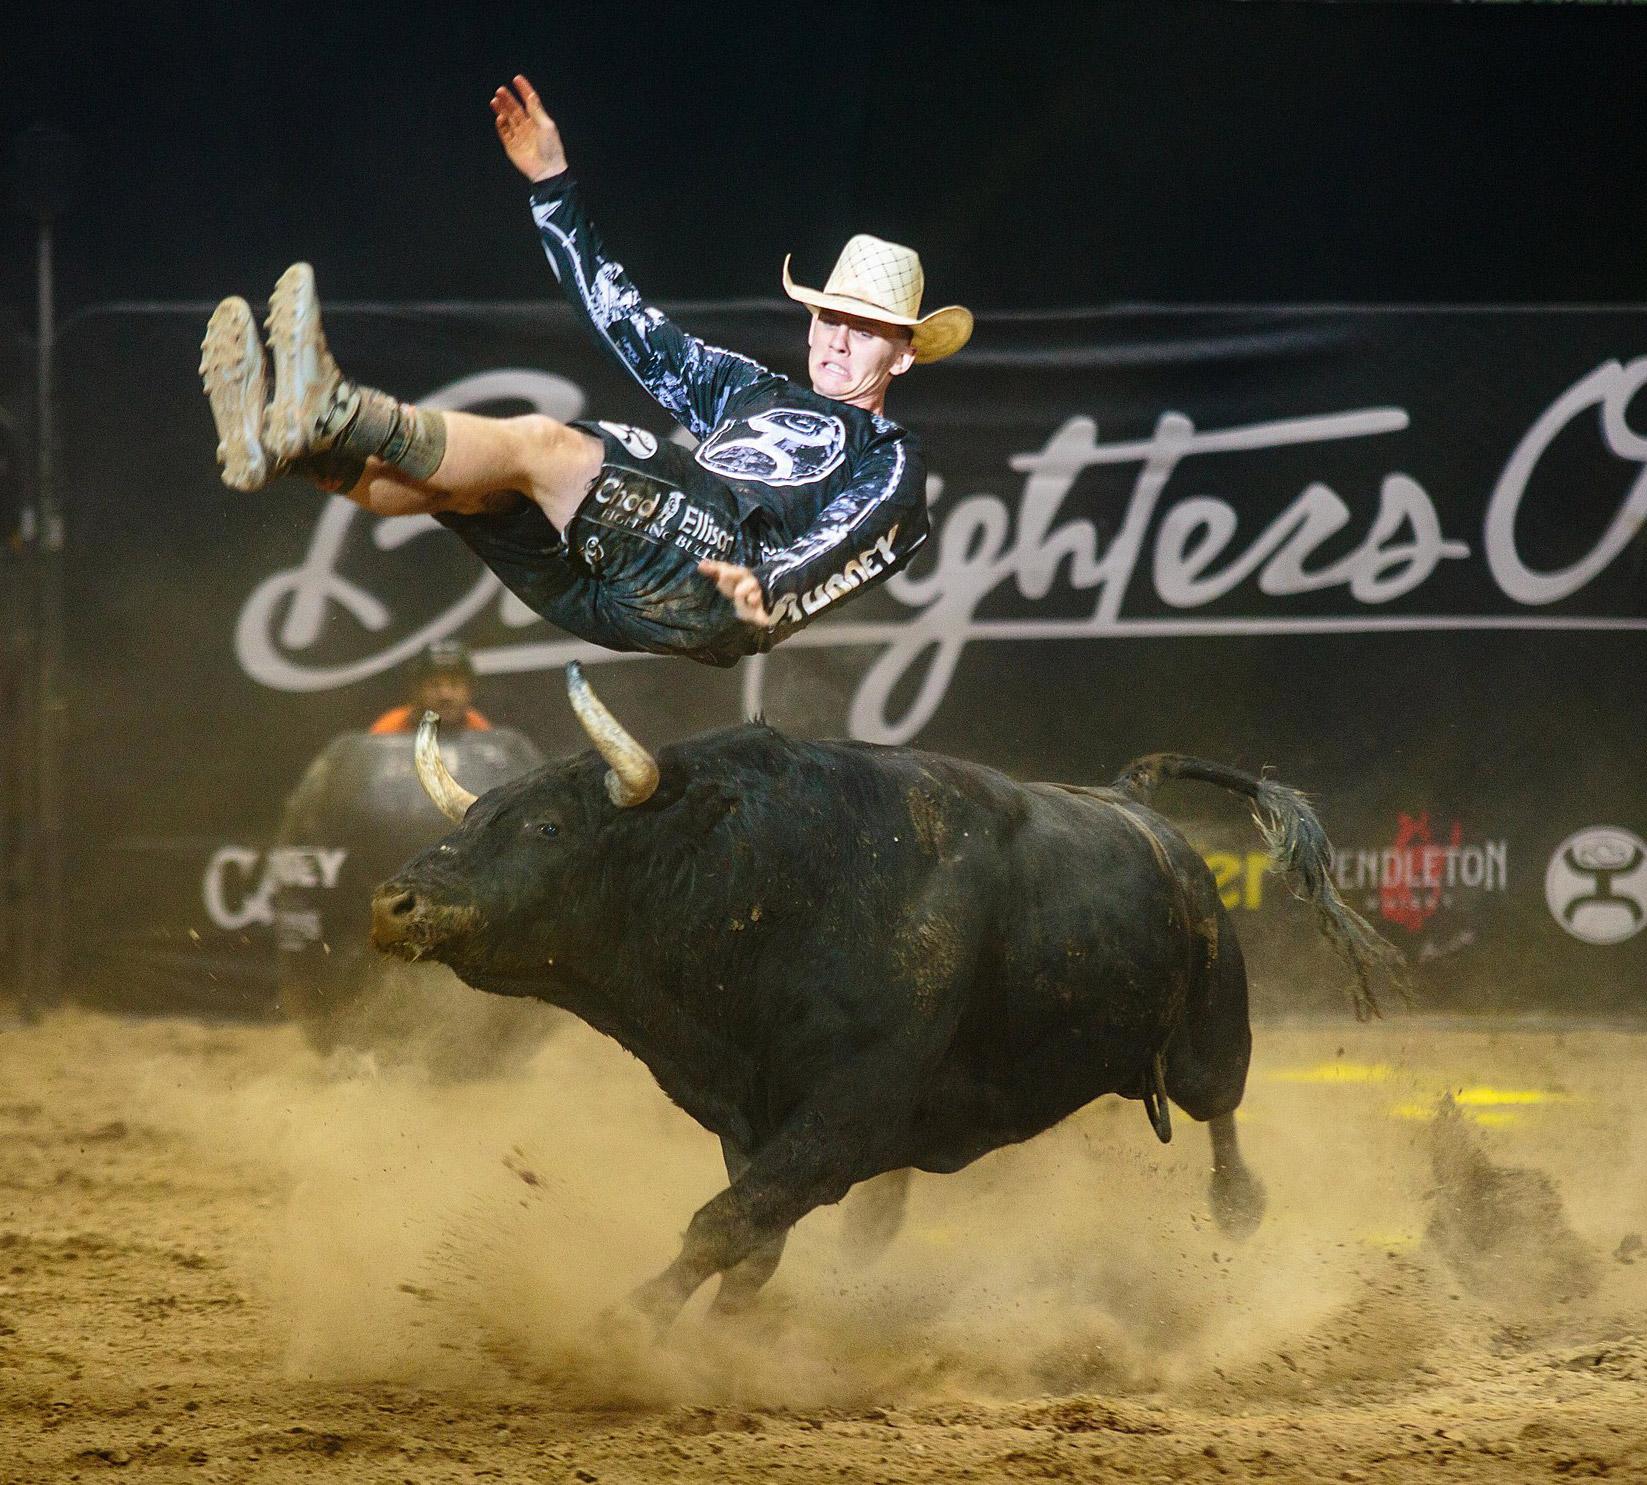 Por primera vez 3 de los mejores bullfighters de EEUU se enfrentarán a capones de Arriazu embolados a fuego la noche del 20 de marzo en Castellón.